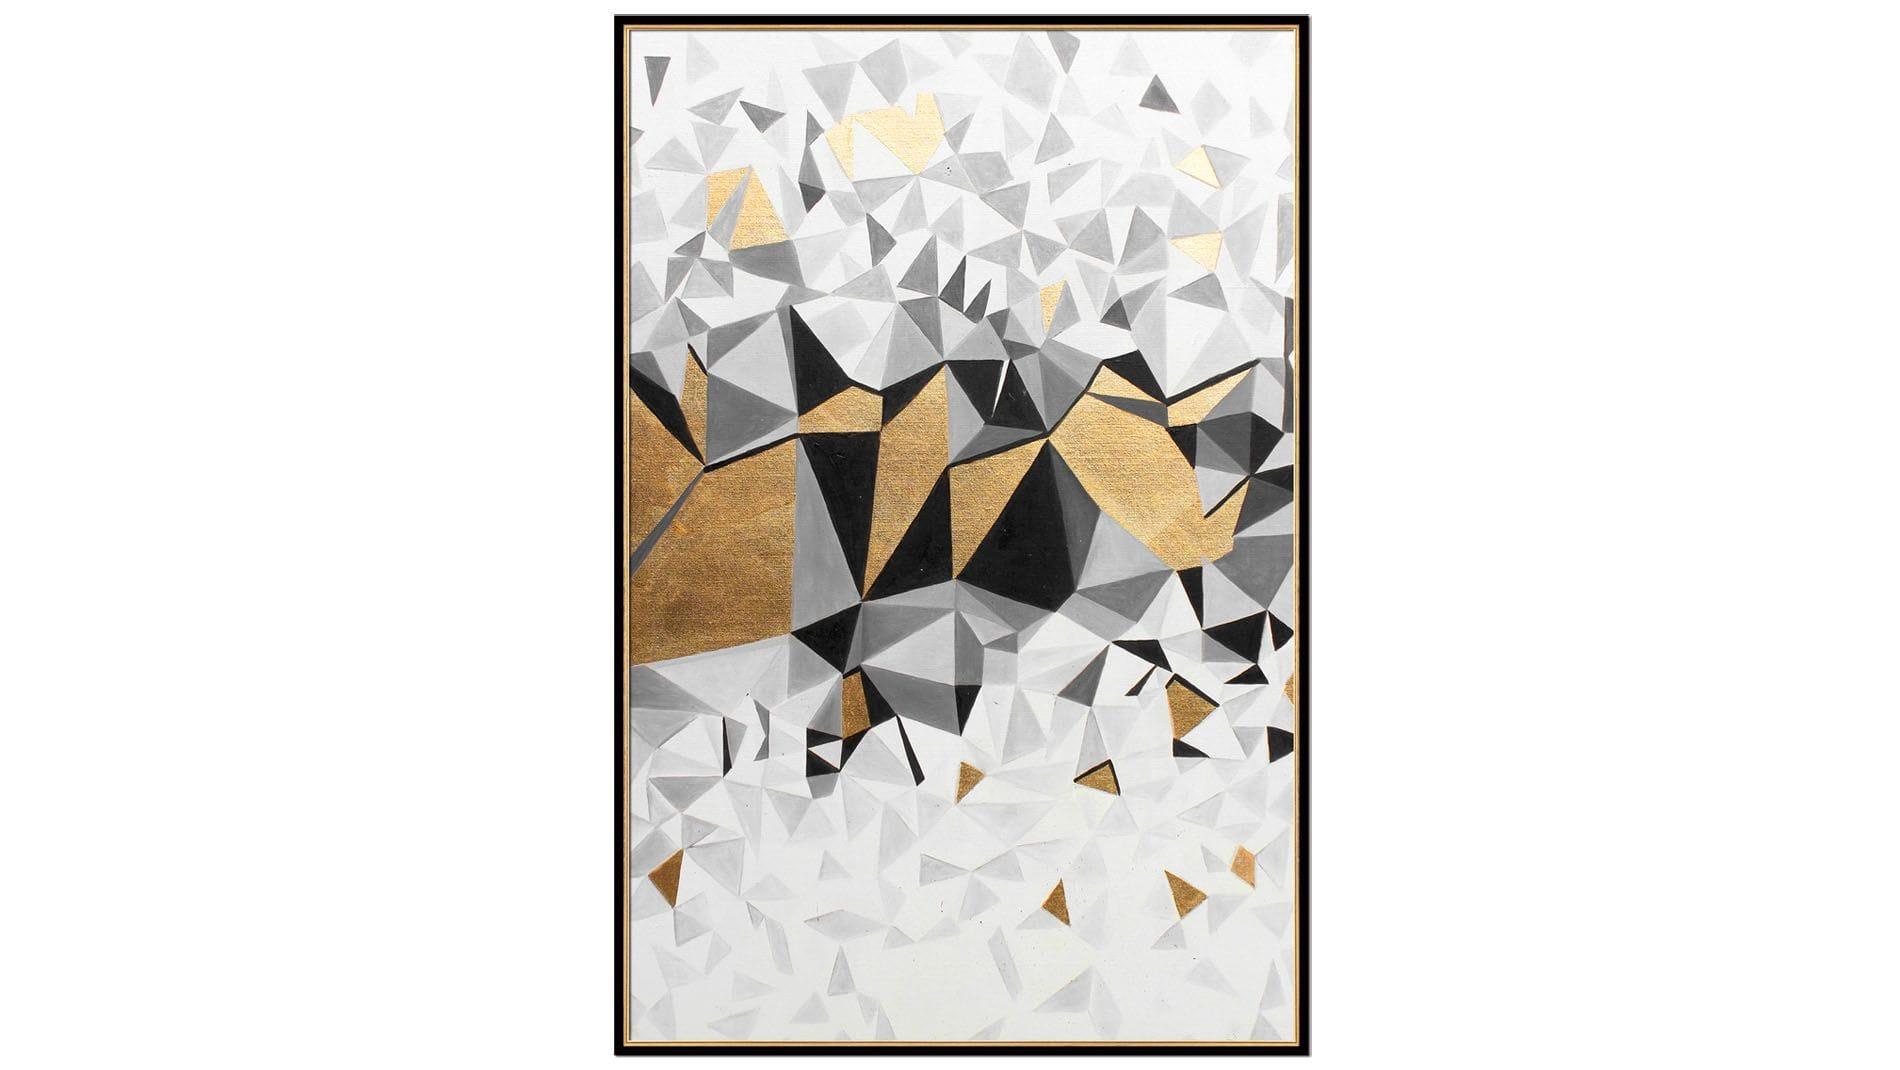 Постер на стену Кубическая абстракция-2 60х80 см